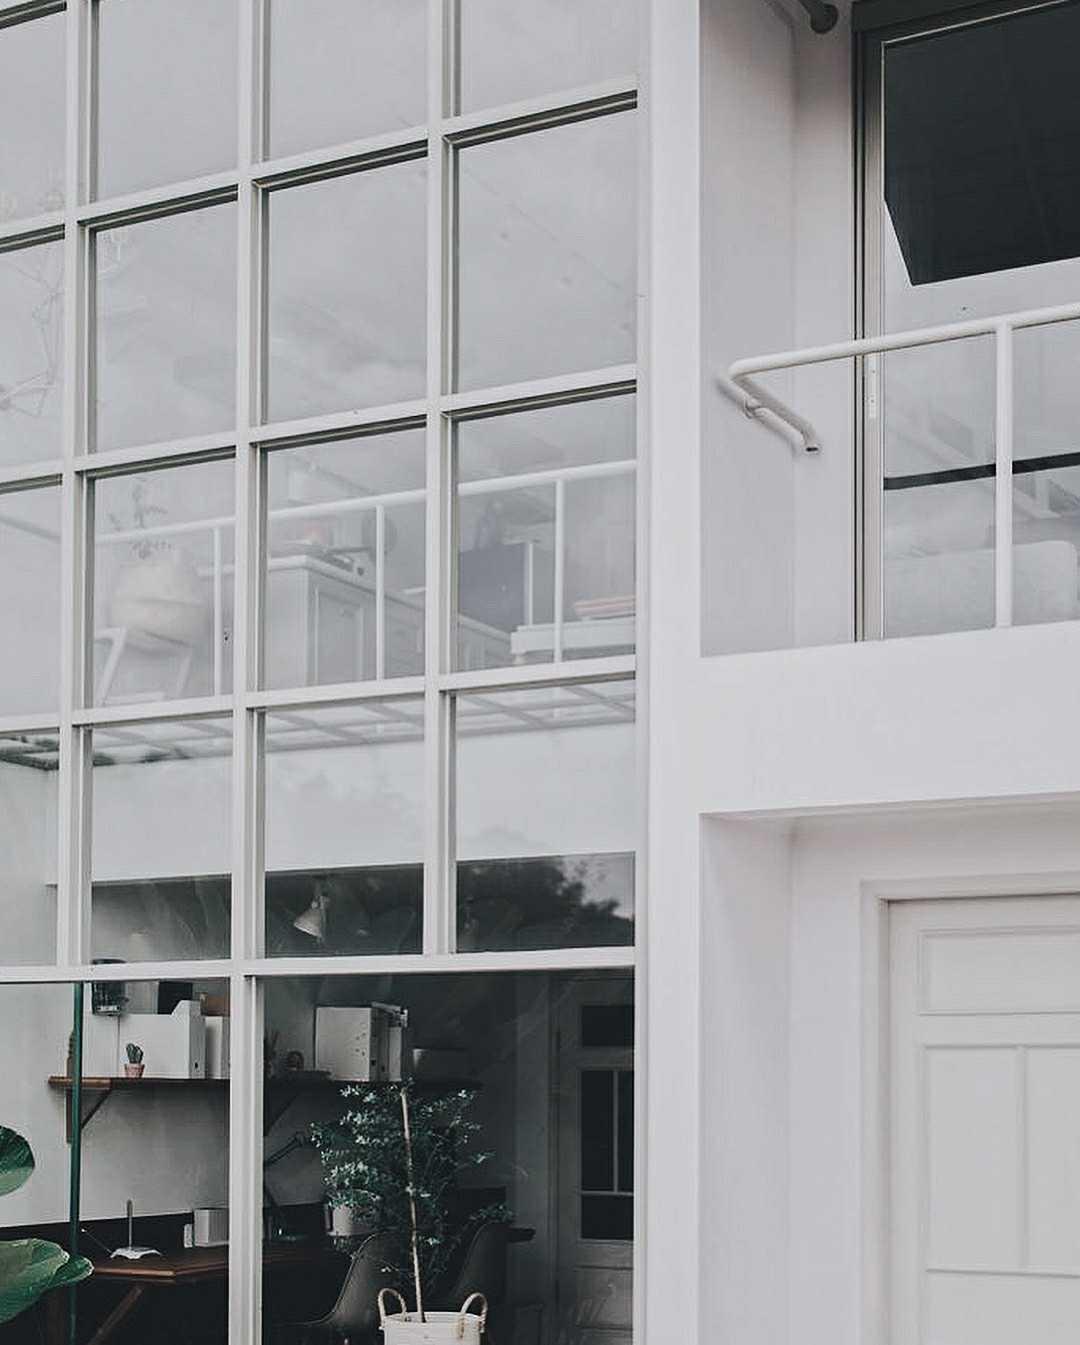 Kesederhanaan desain Hara House sudah tampak dari bagian depan bangunan. Pintunya bergaya klasik dengan cat putih yang mendominasi semua bagian eksteriornya. Dinding transparan dan jendela kaca besar yang terpampang dan memperlihatkan sebagian isi rumah adalah pesona lain yang dimiliki oleh hunian ini.